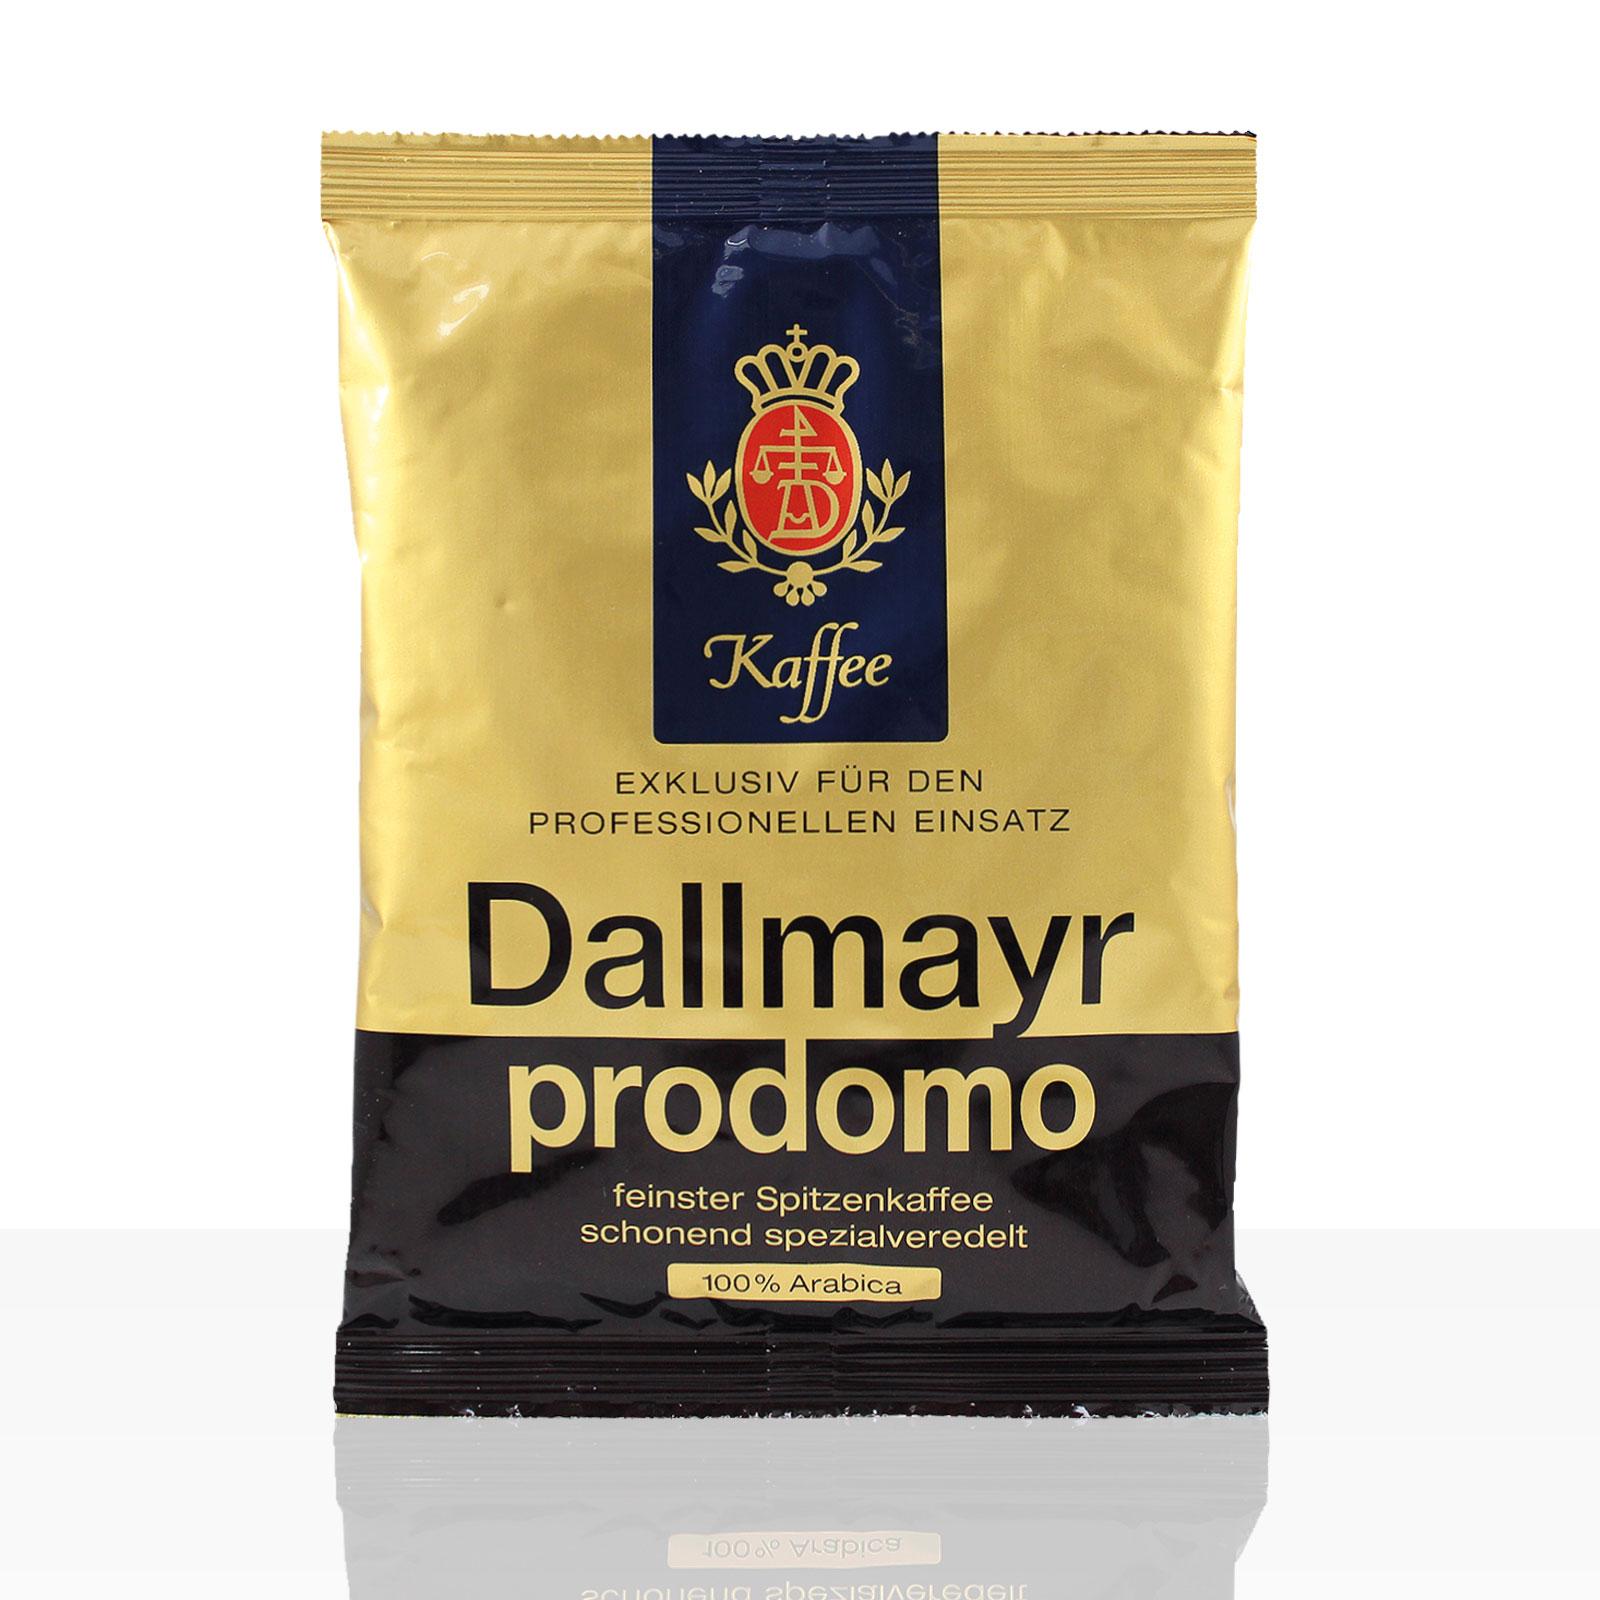 Dallmayr Prodomo 1 x 70g Kaffee gemahlen